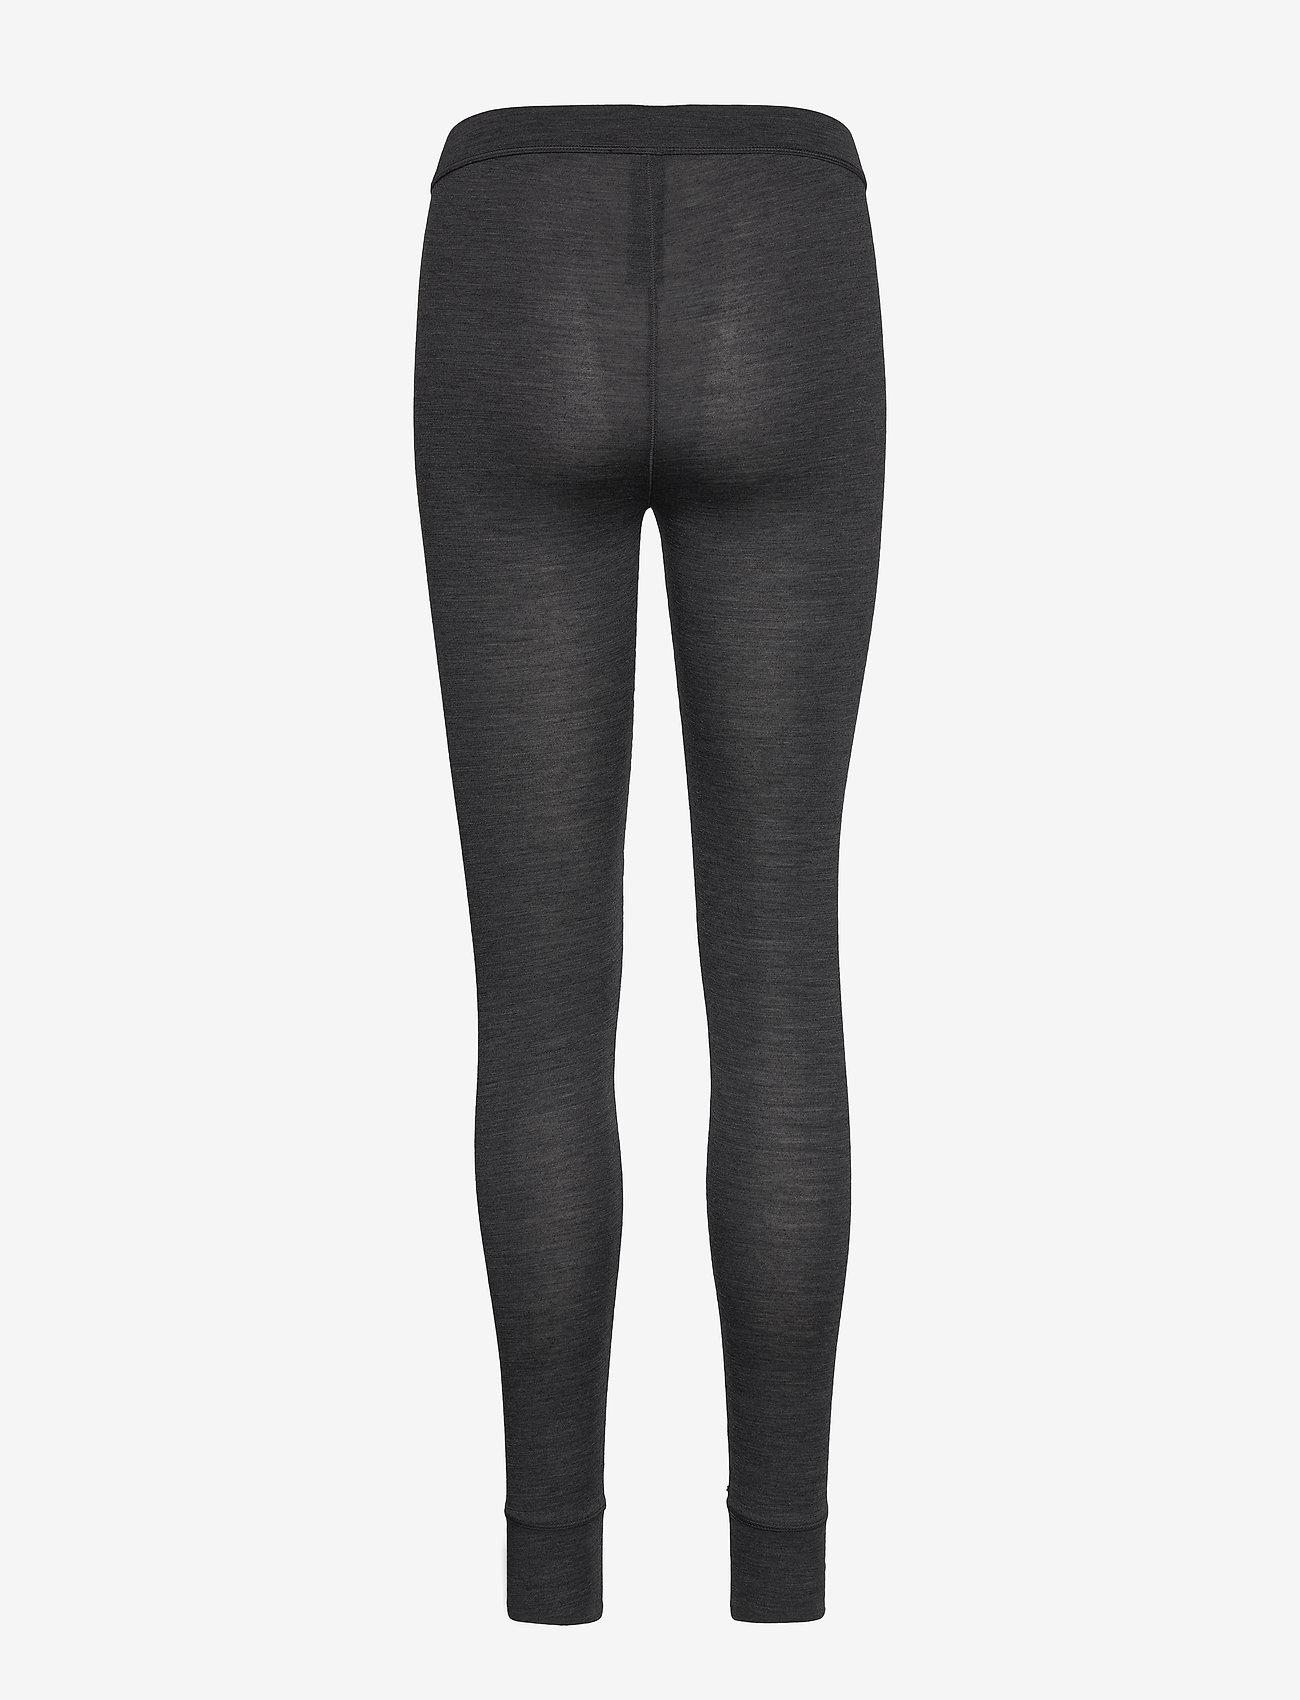 JBS of Denmark - JBS of DK pants wool - leggings - dark gray - 1